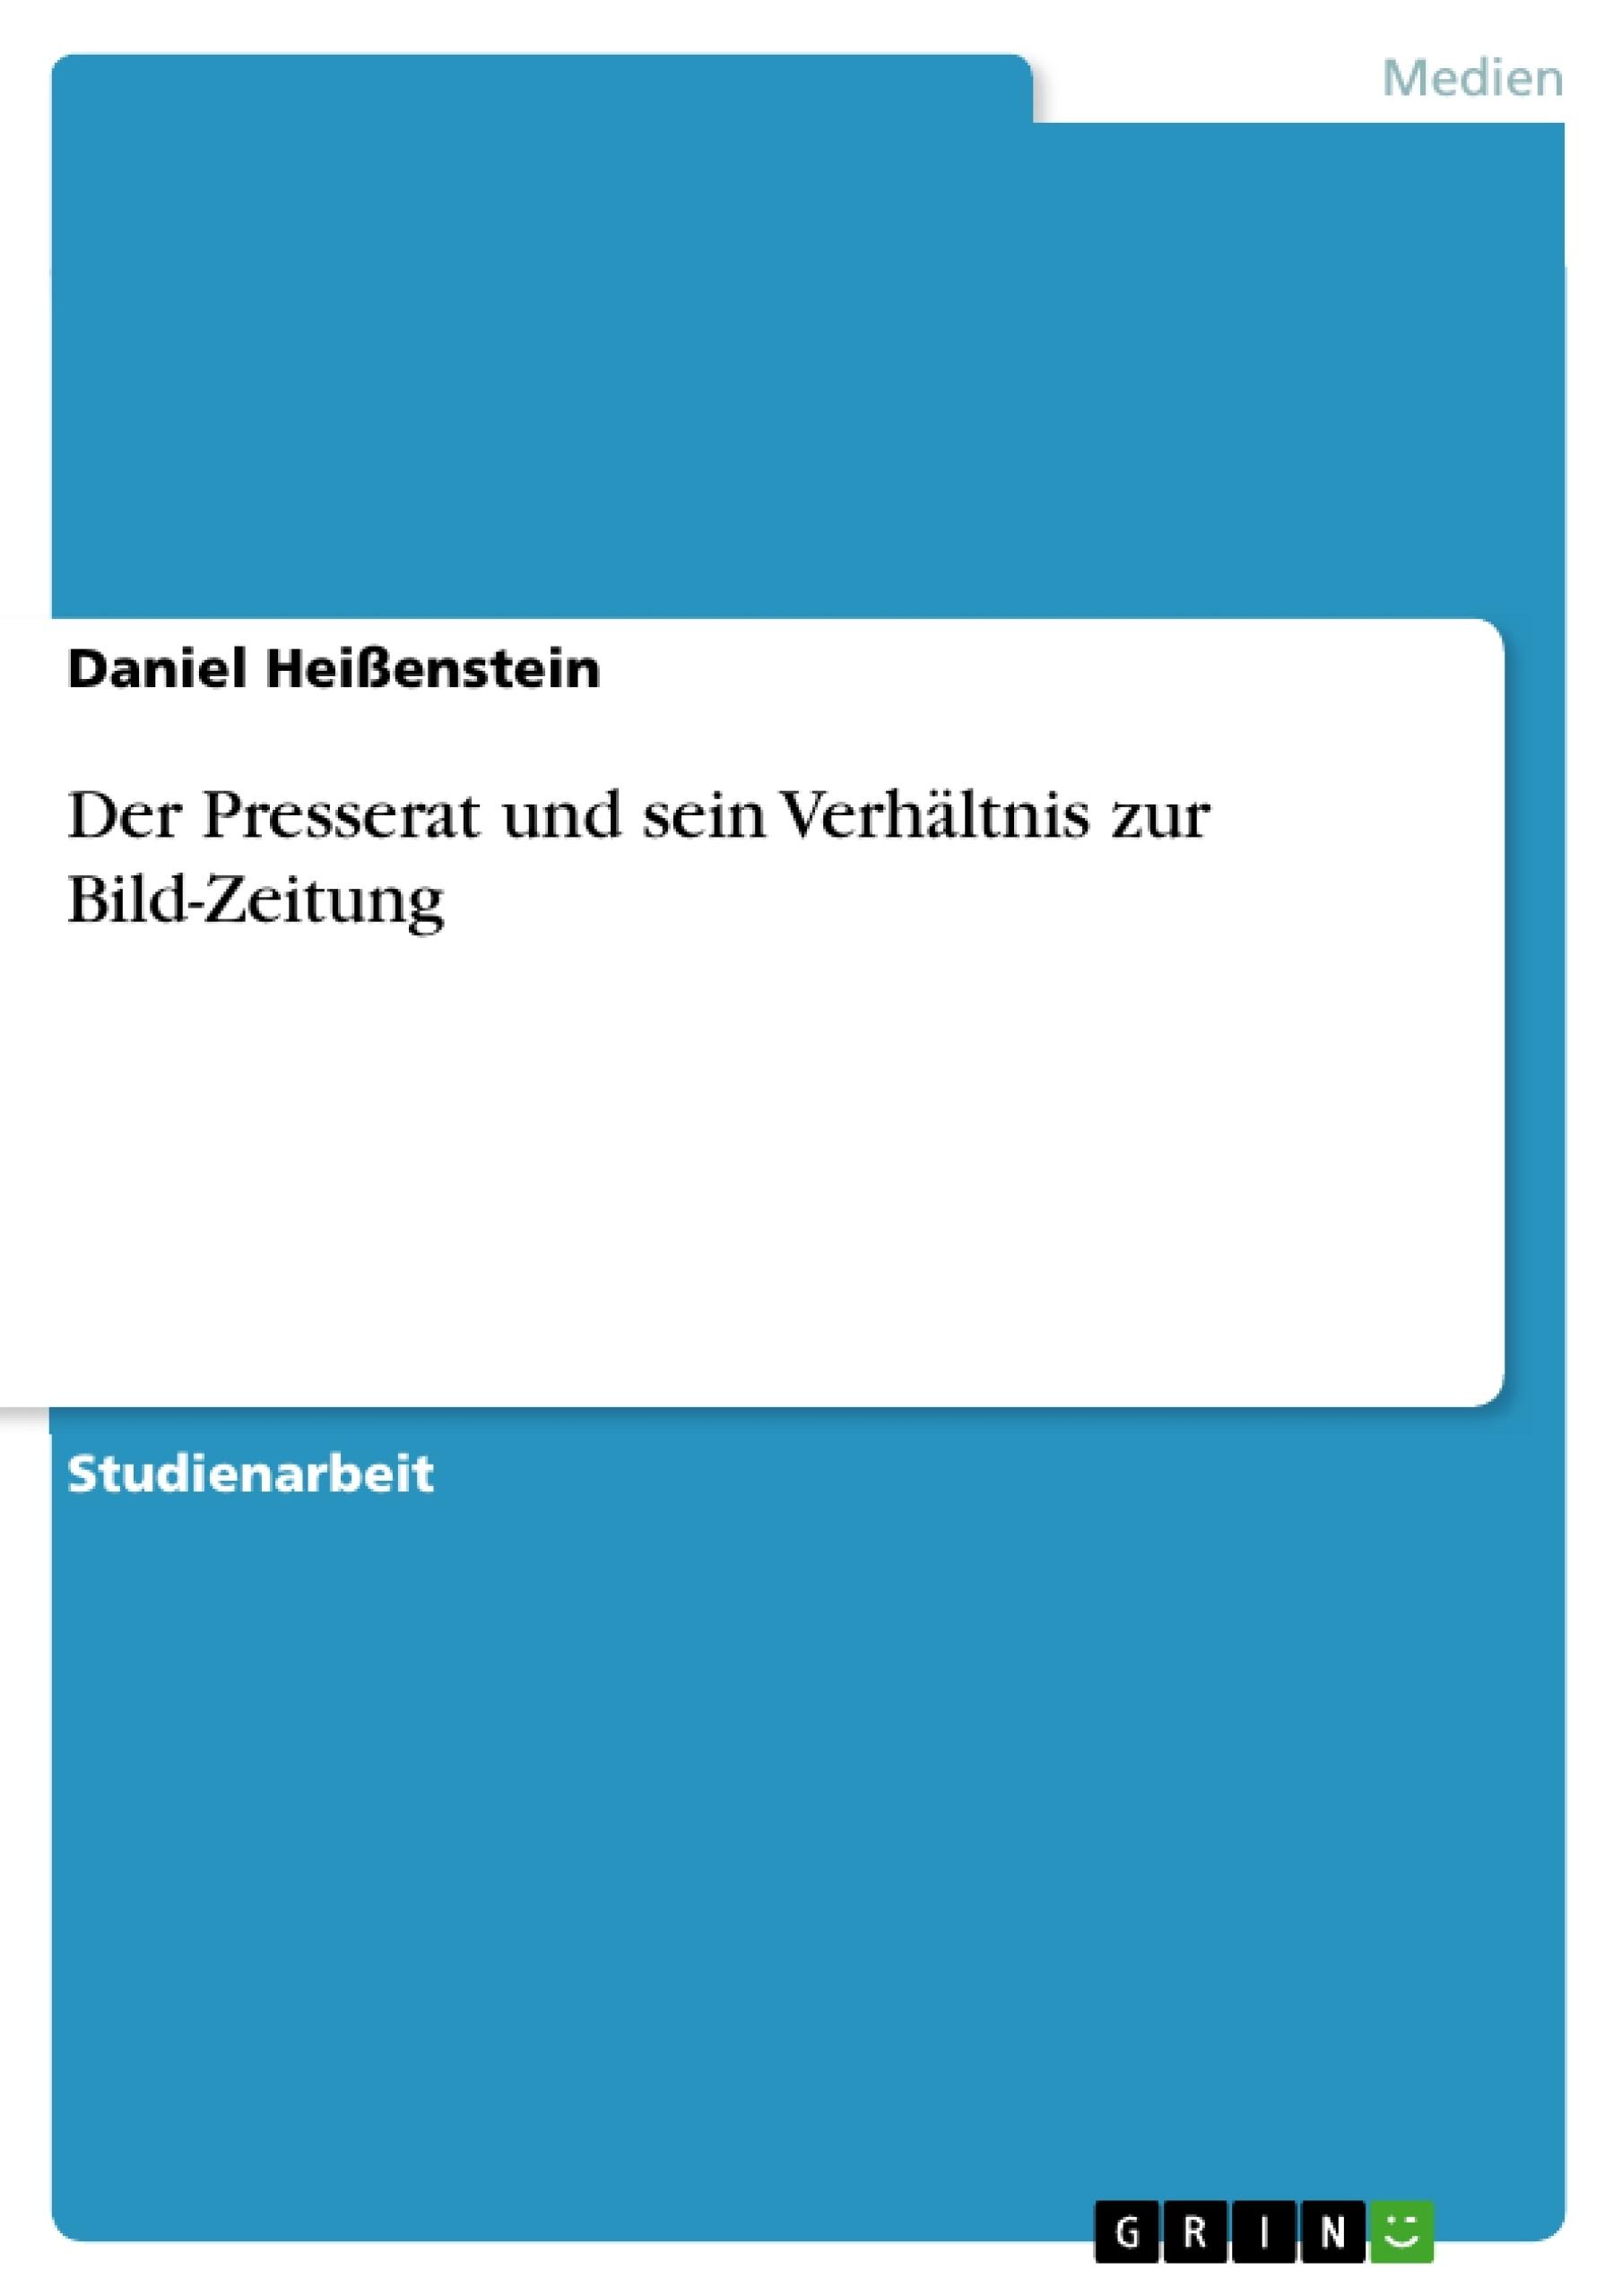 Titel: Der Presserat und sein Verhältnis zur Bild-Zeitung